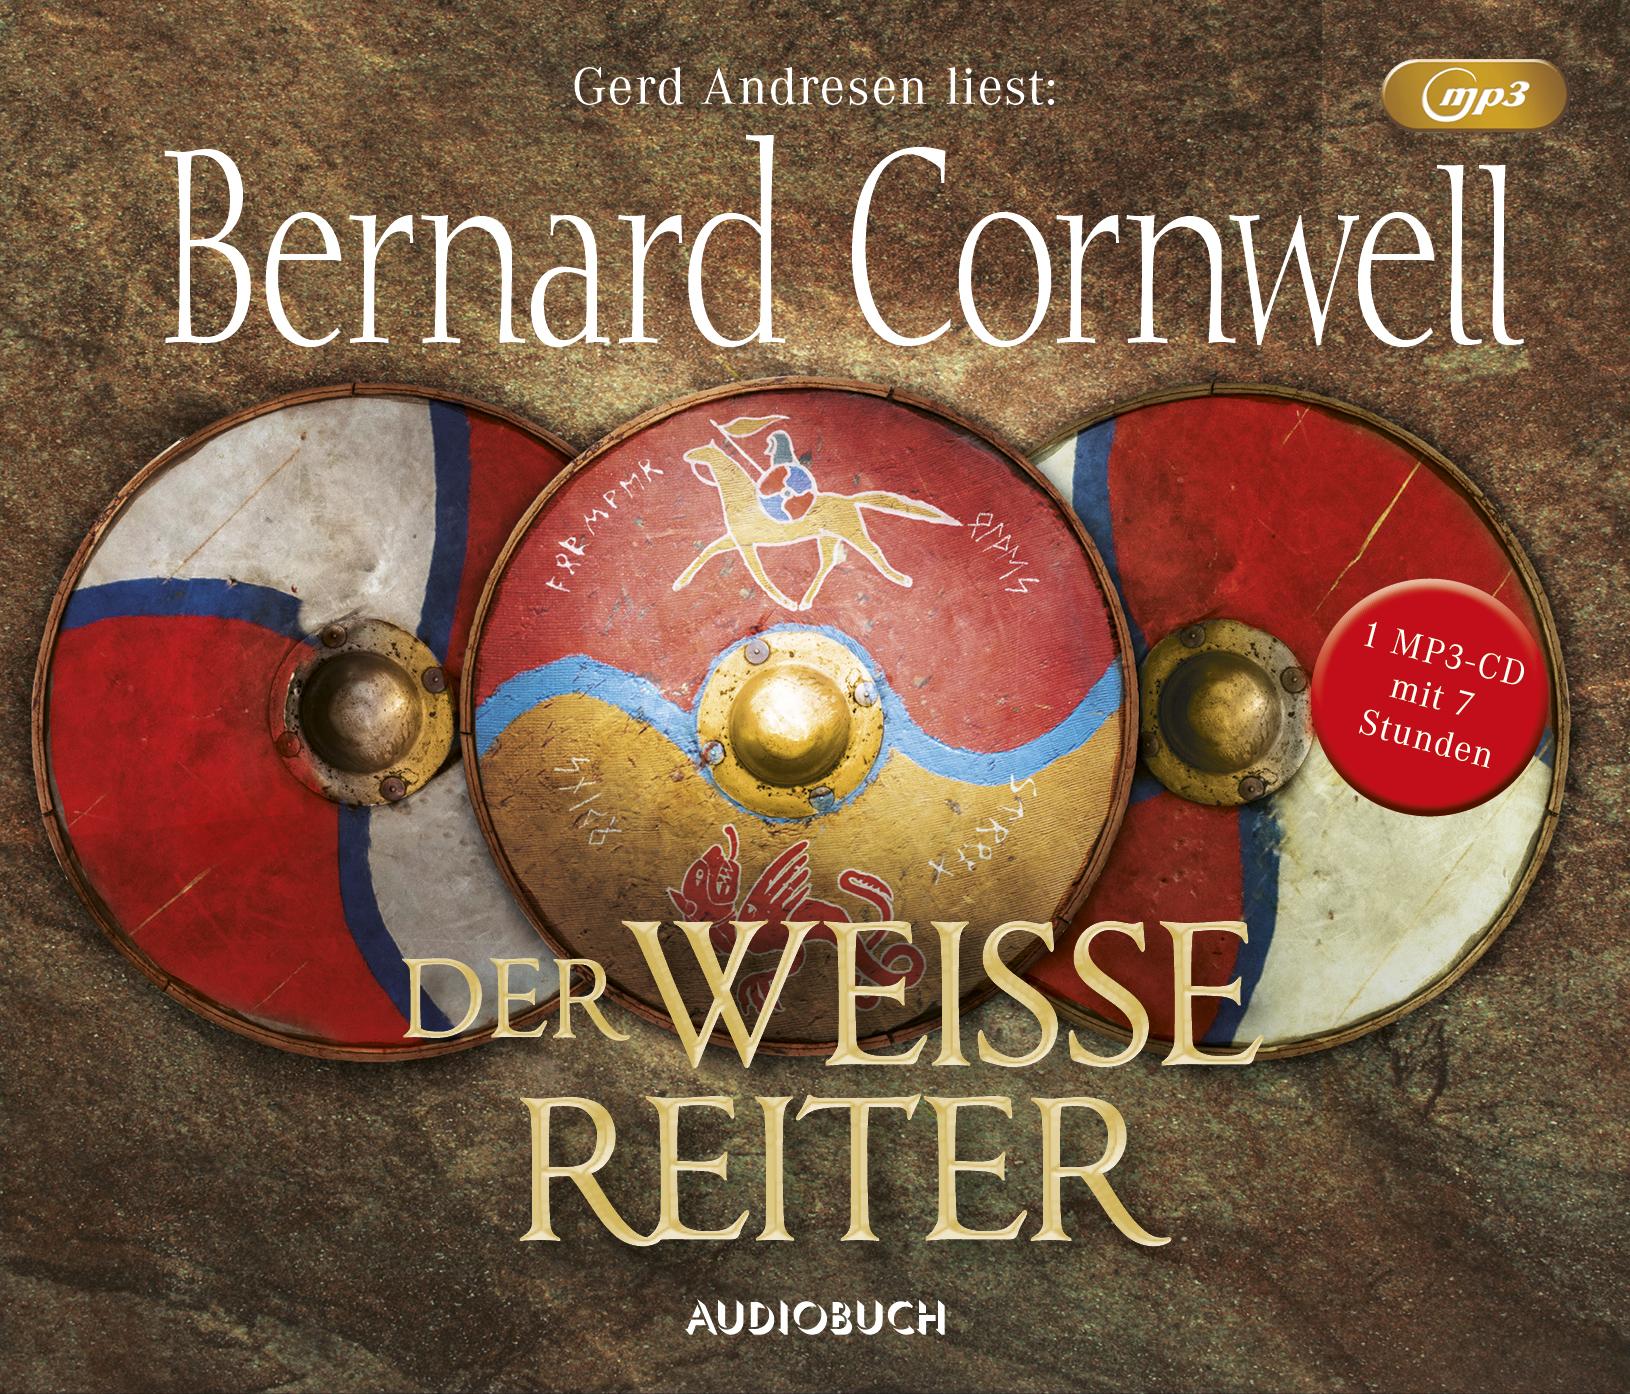 NEU Der weiße Reiter Bernard Cornwell 620100